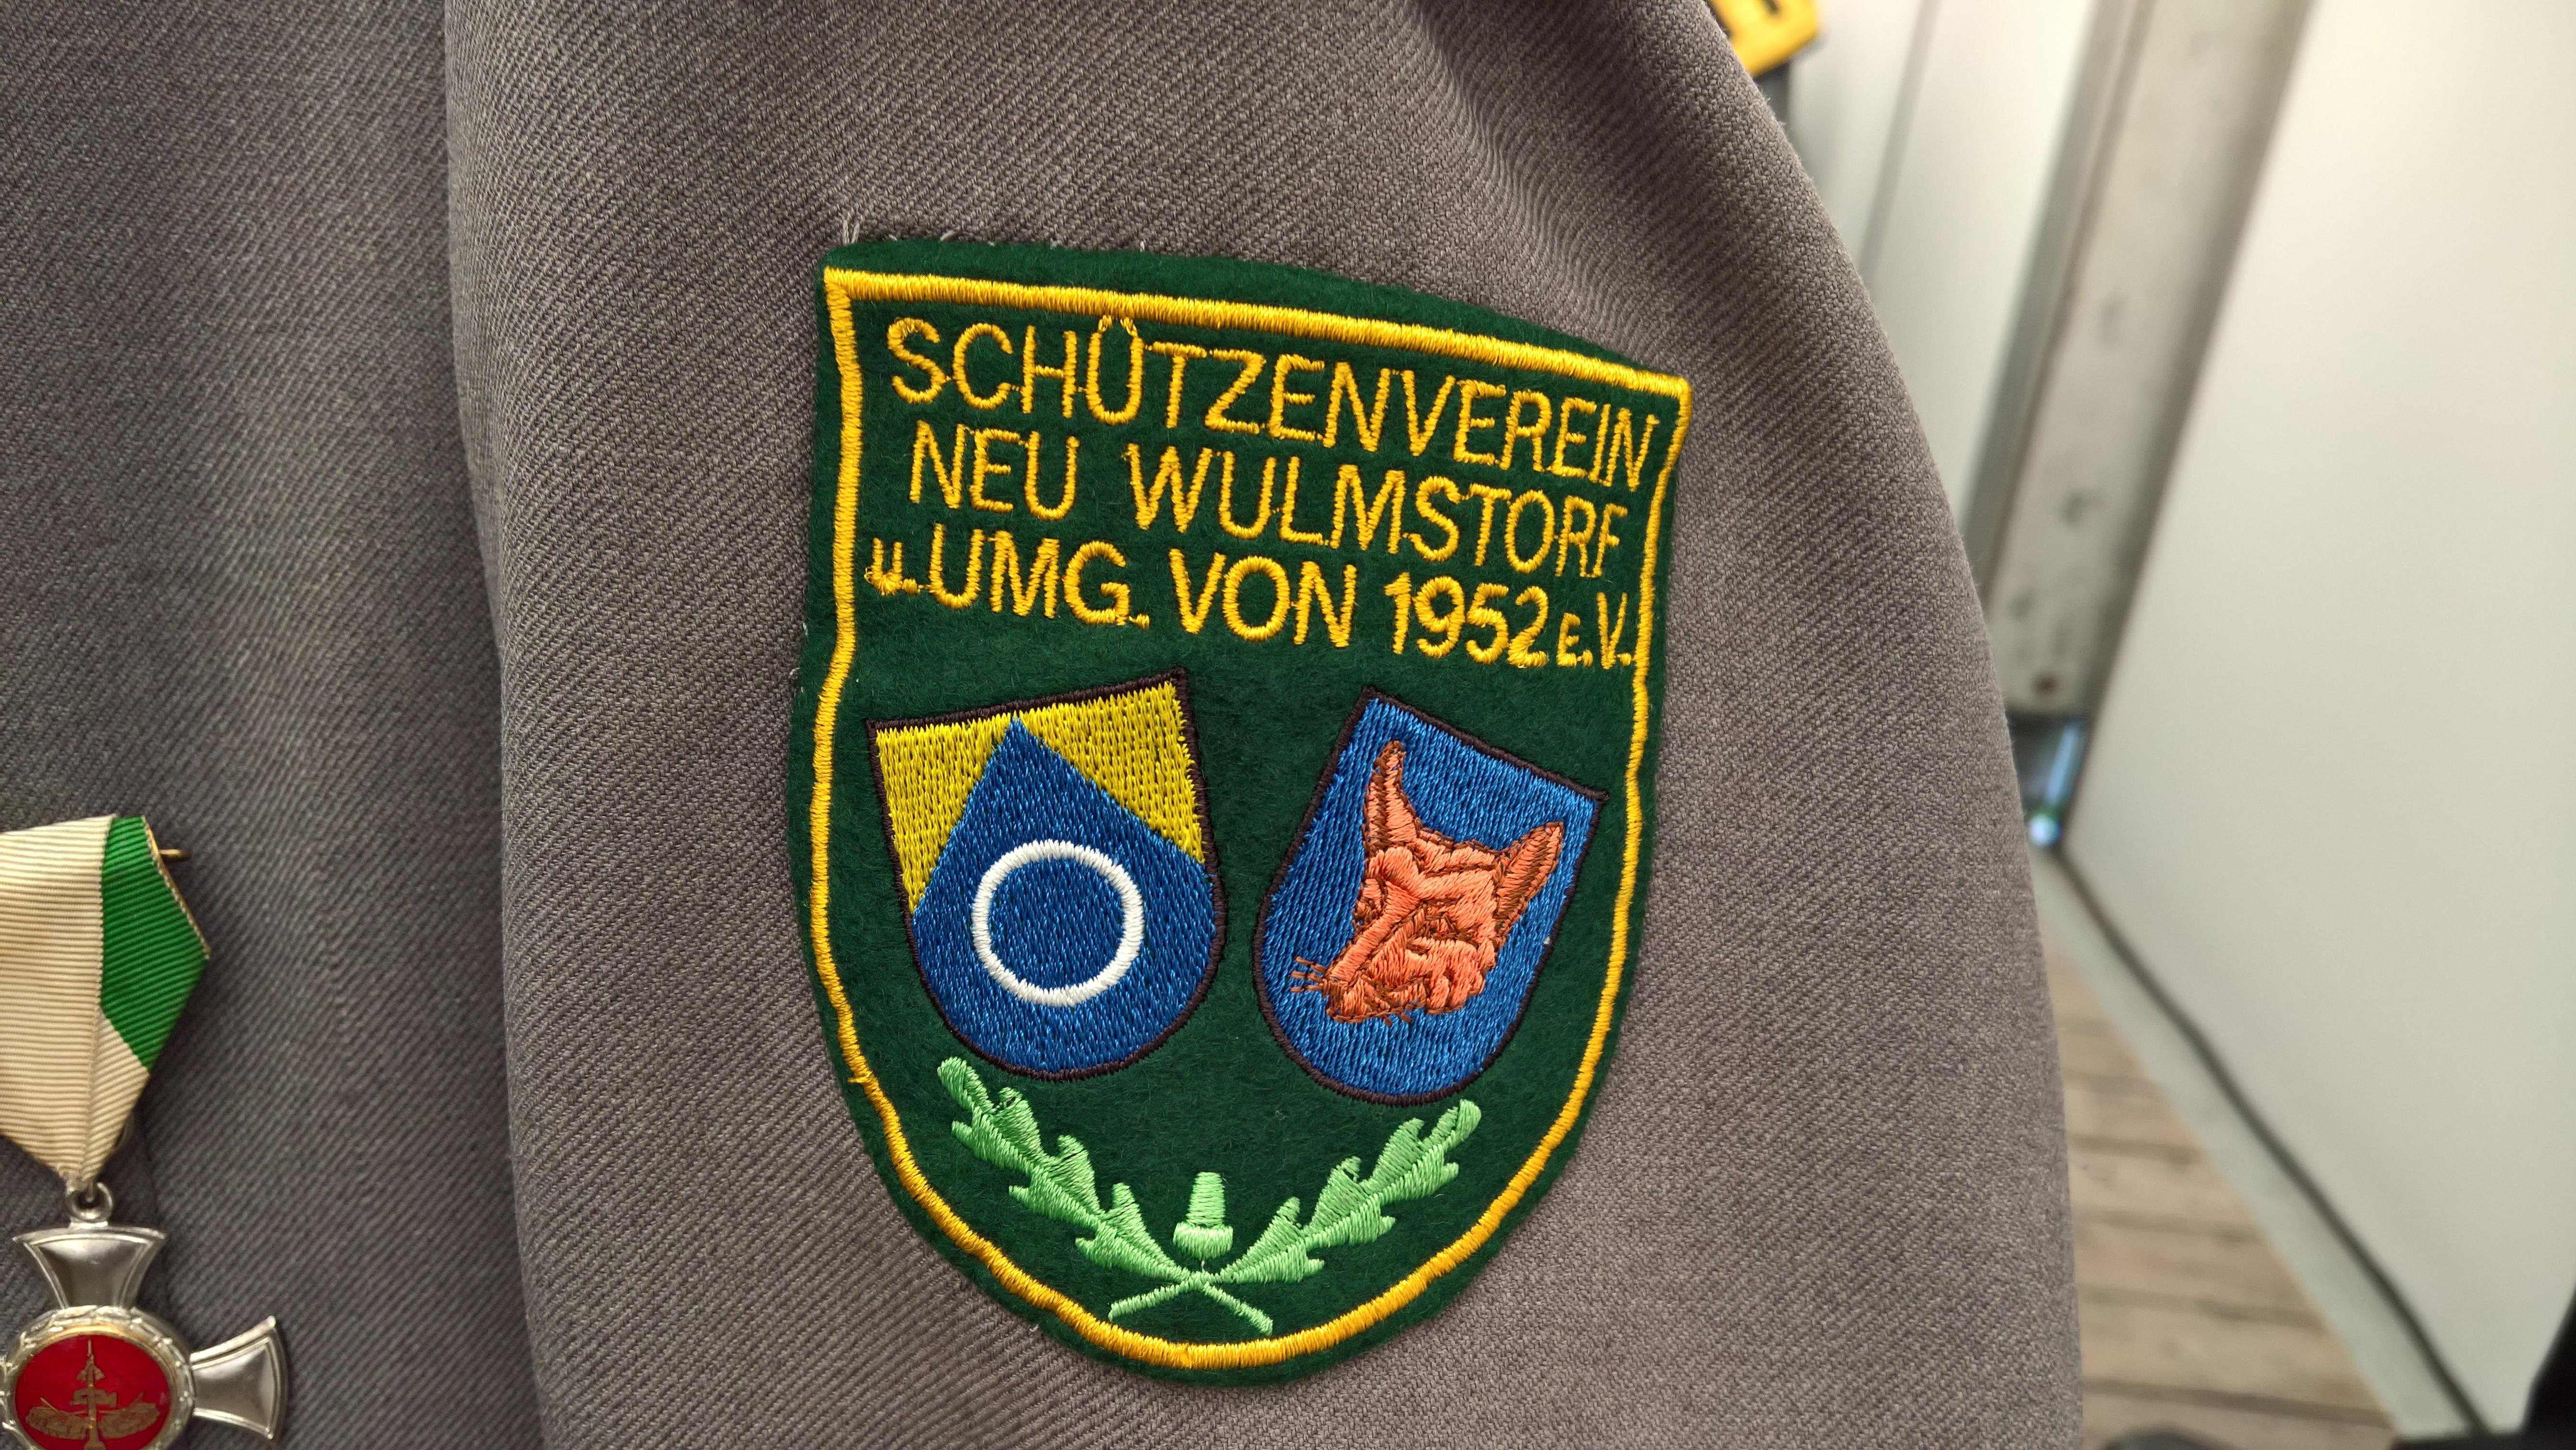 Vereinswappen Schützenverein Neu-Wulmstorf